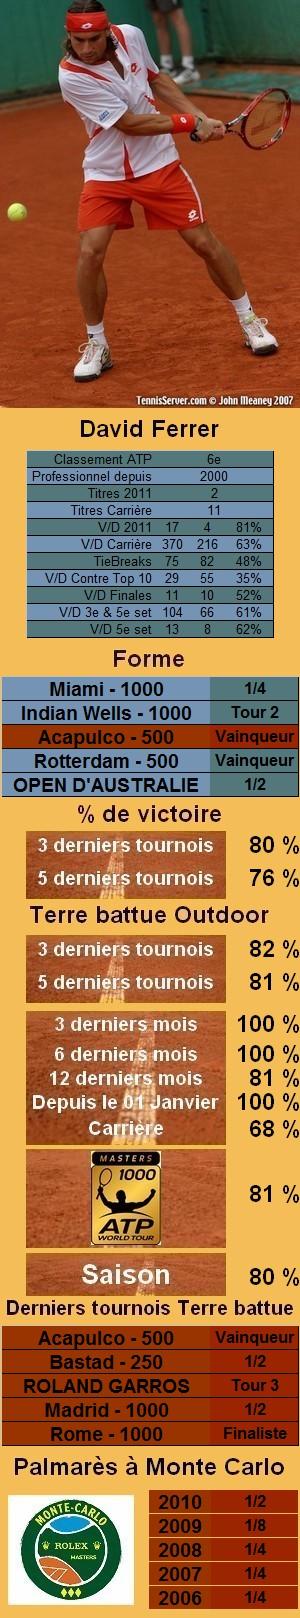 Les statistiques tennis de David Ferrer pour le tournoi de Monte Carlo